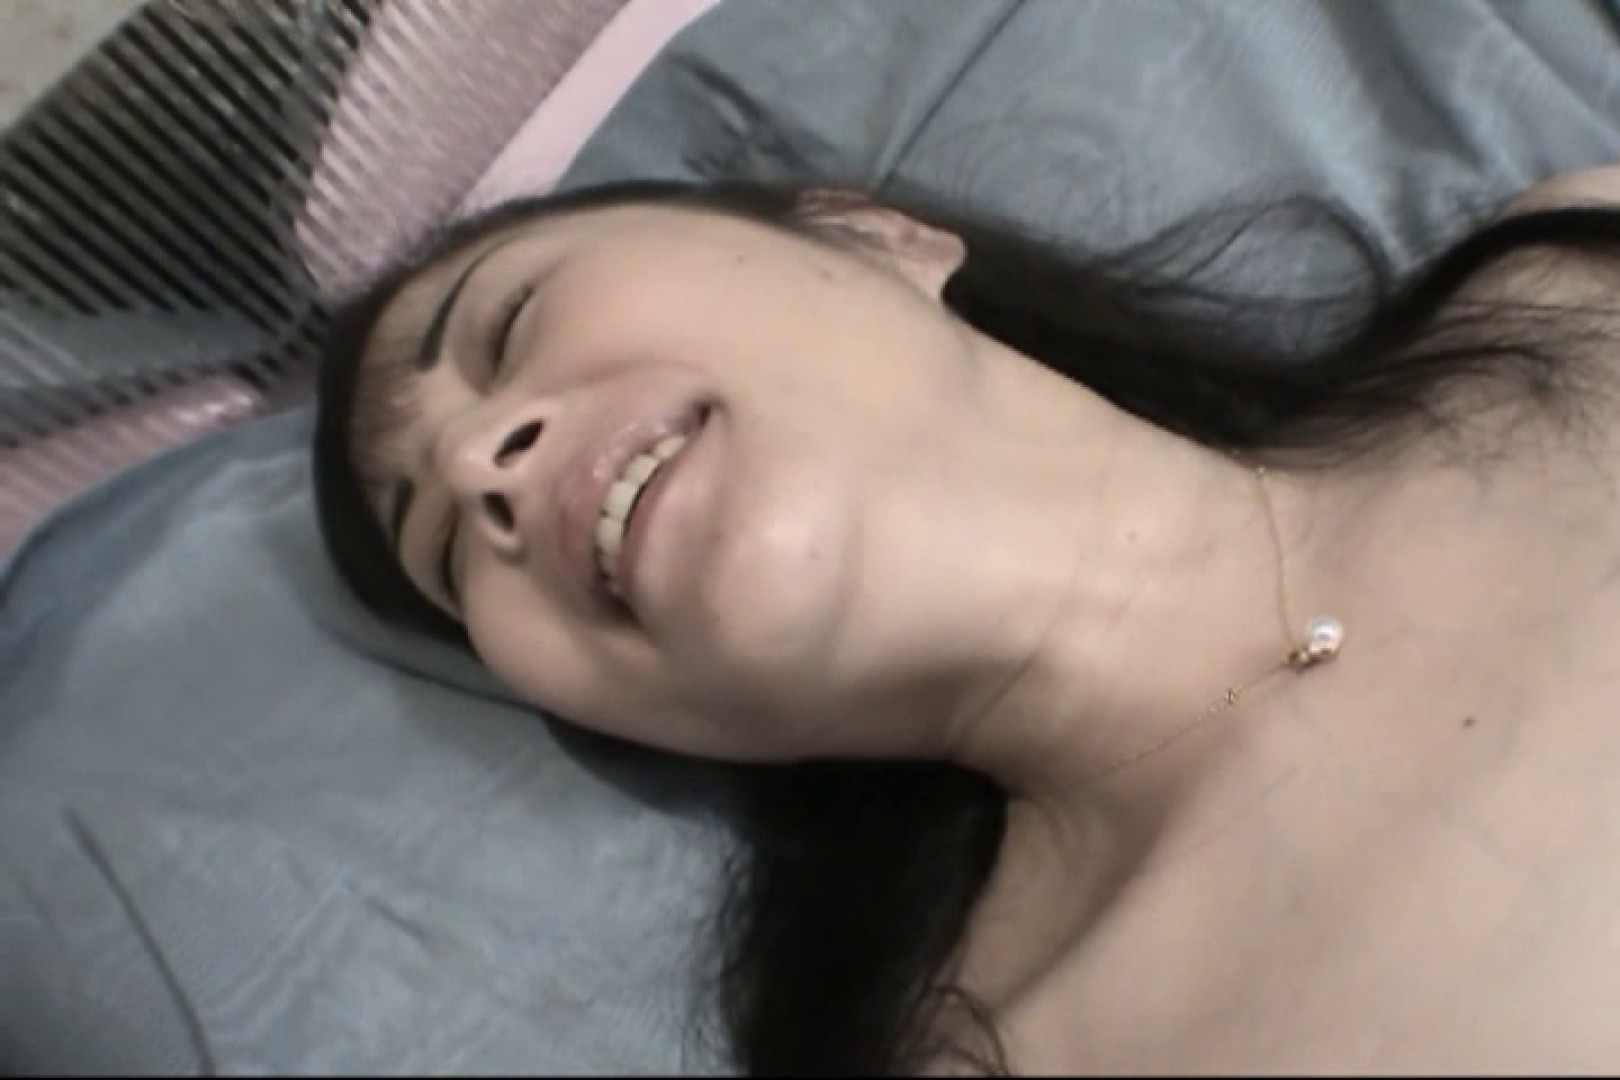 見た目ではわからない四十路の性欲~若林かな~ エッチな熟女 エロ無料画像 55pic 38